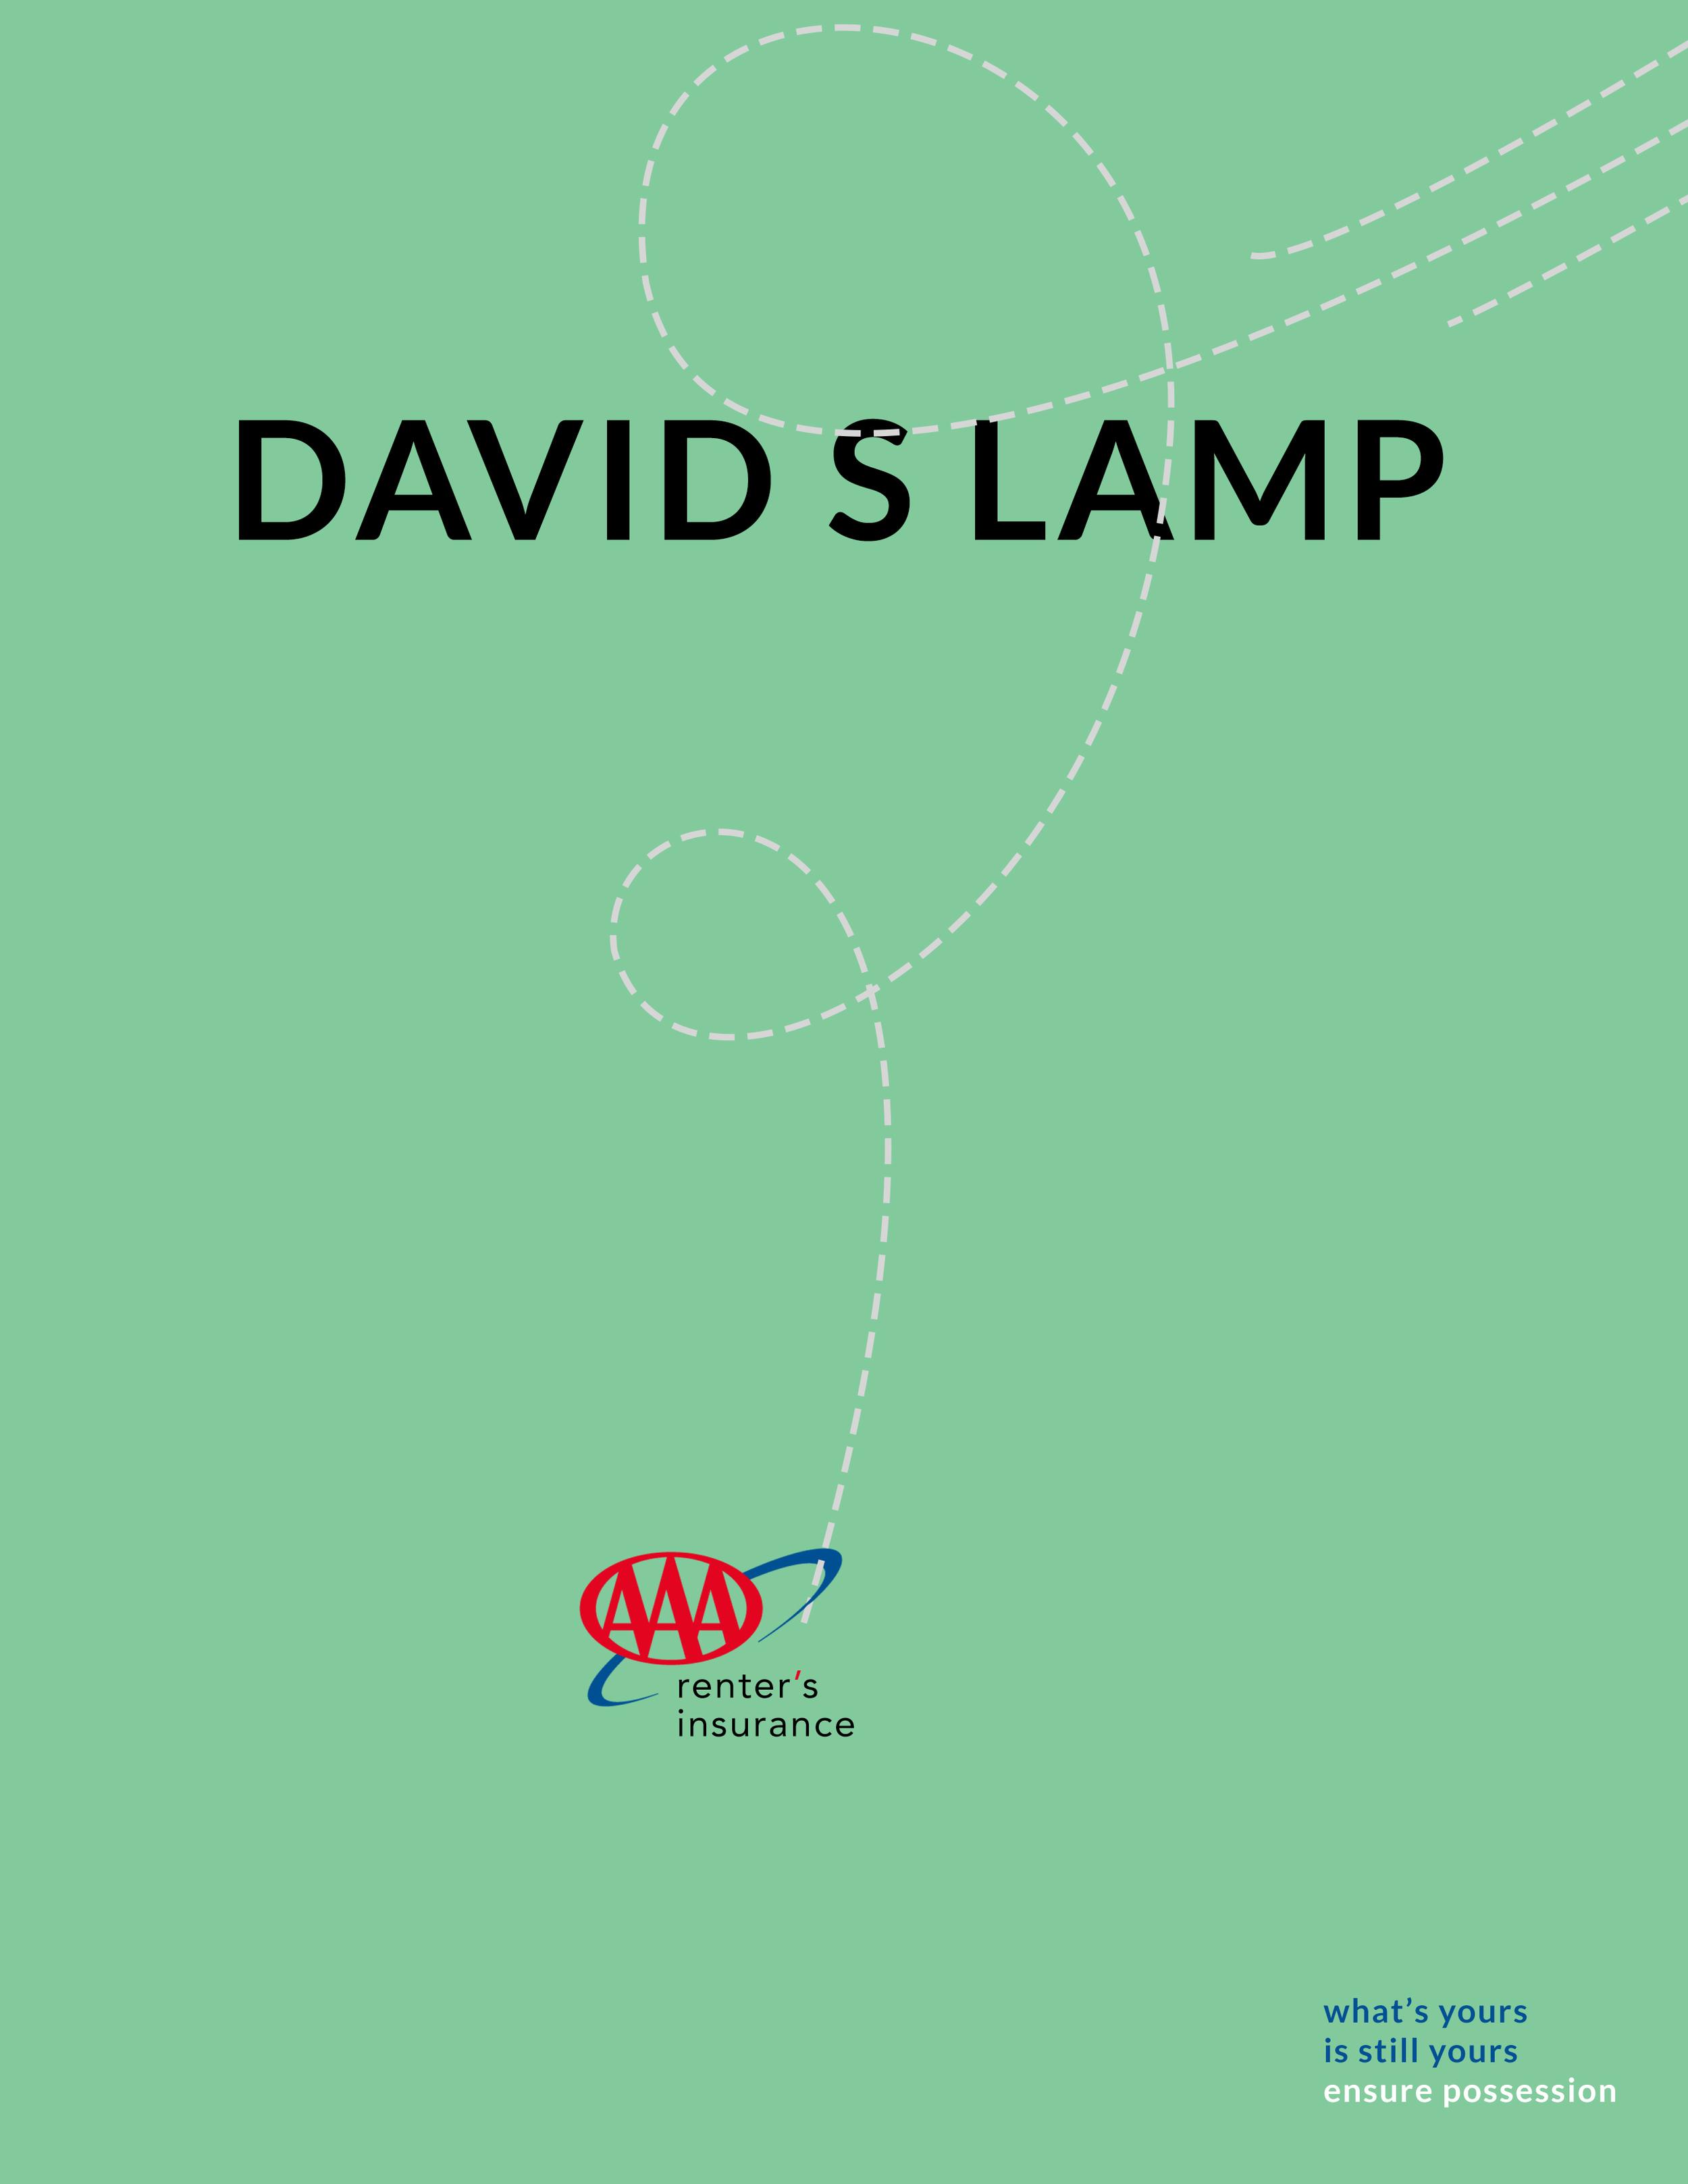 New AAA Lamp.jpg